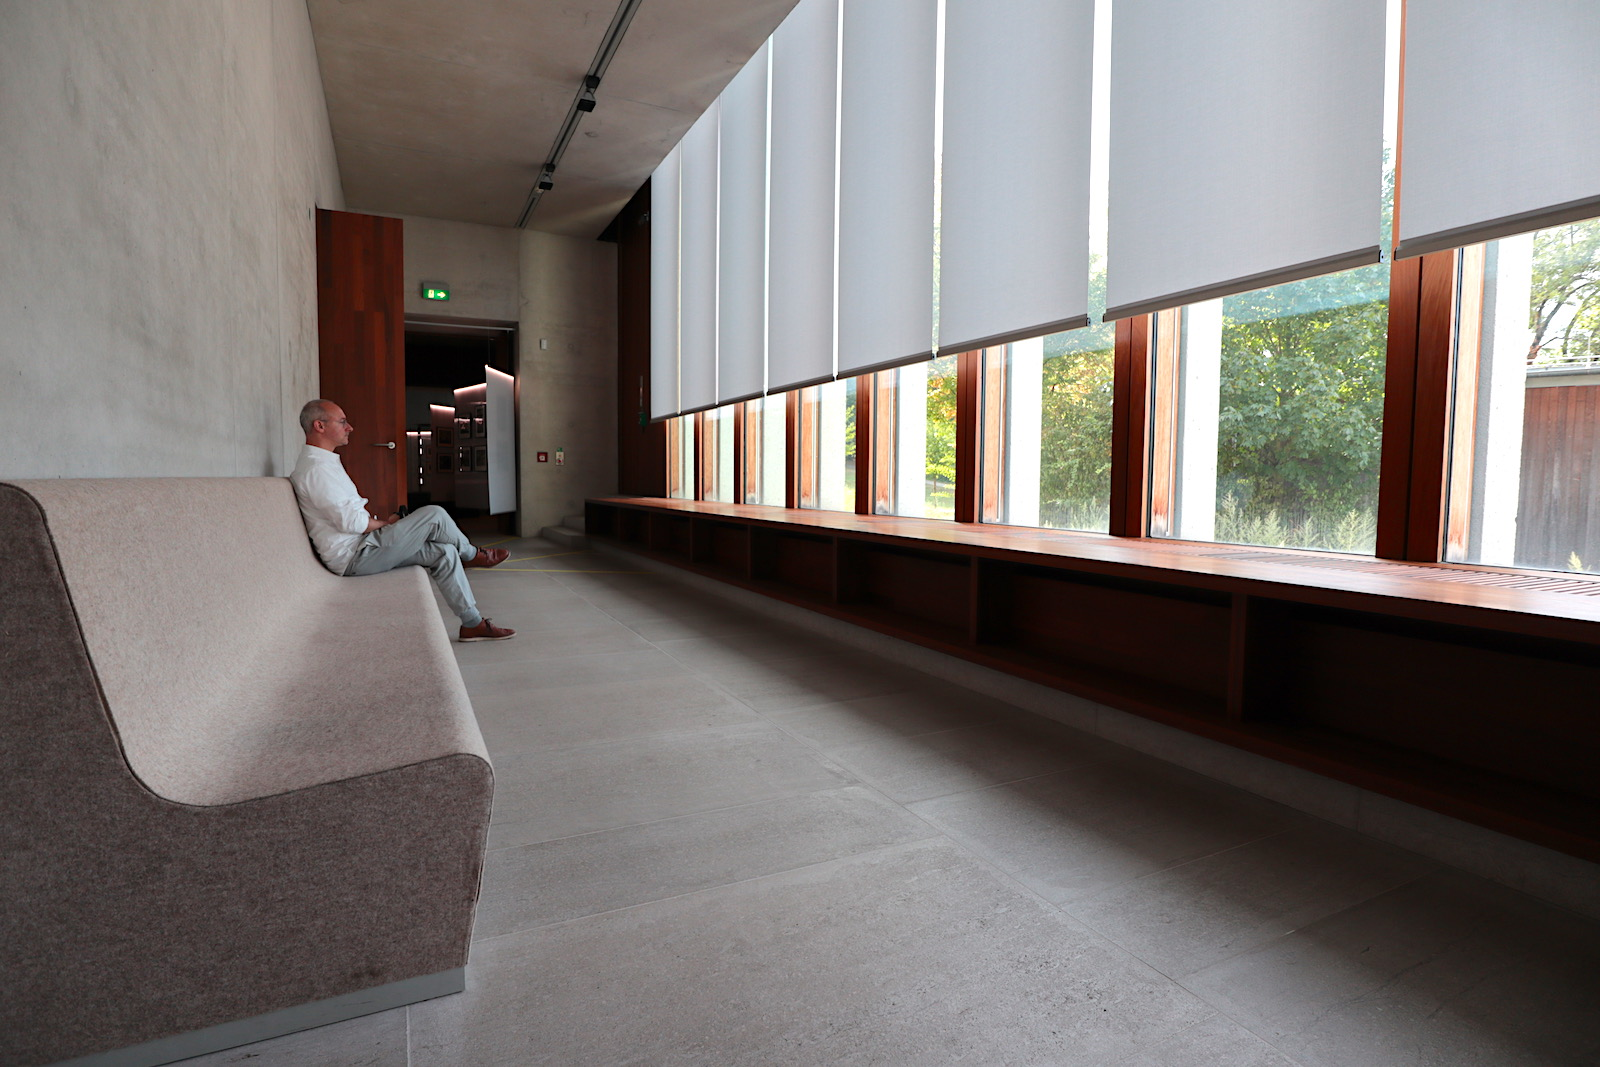 Literaturmuseum der Moderne. Luft und Loggia